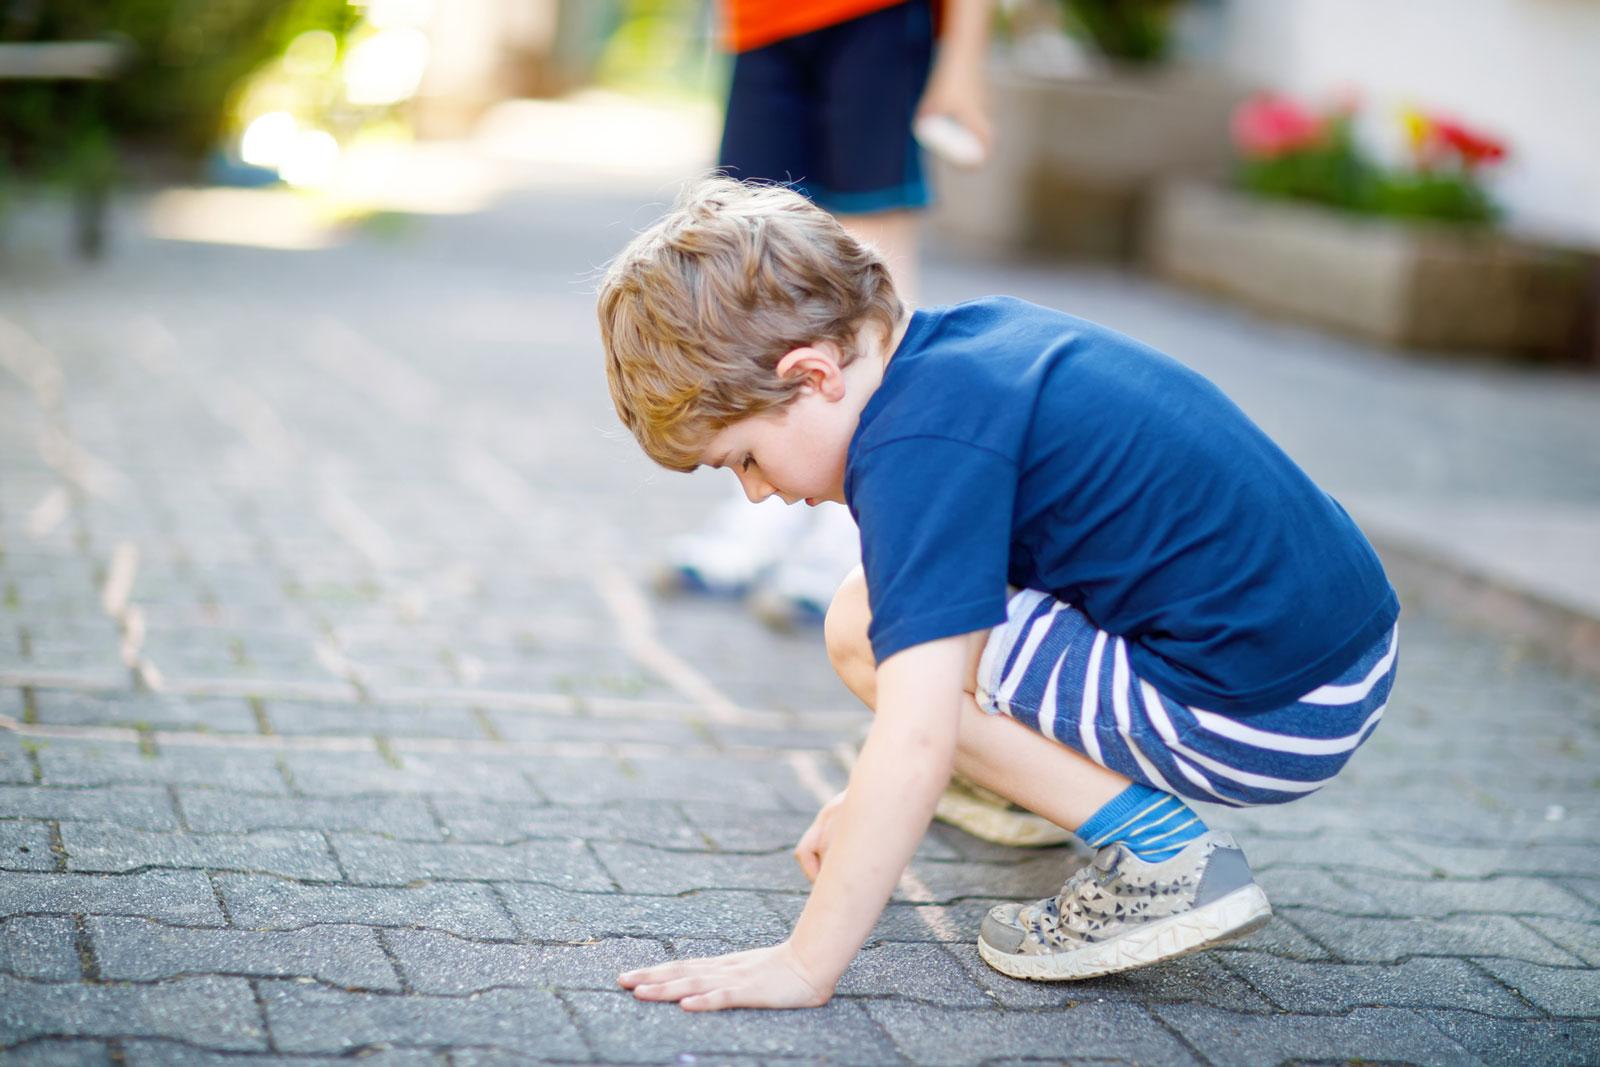 Verbundsteine: Das Ineinandergreifen verhindert, dass sich die Steine verdrehen oder verschieben.